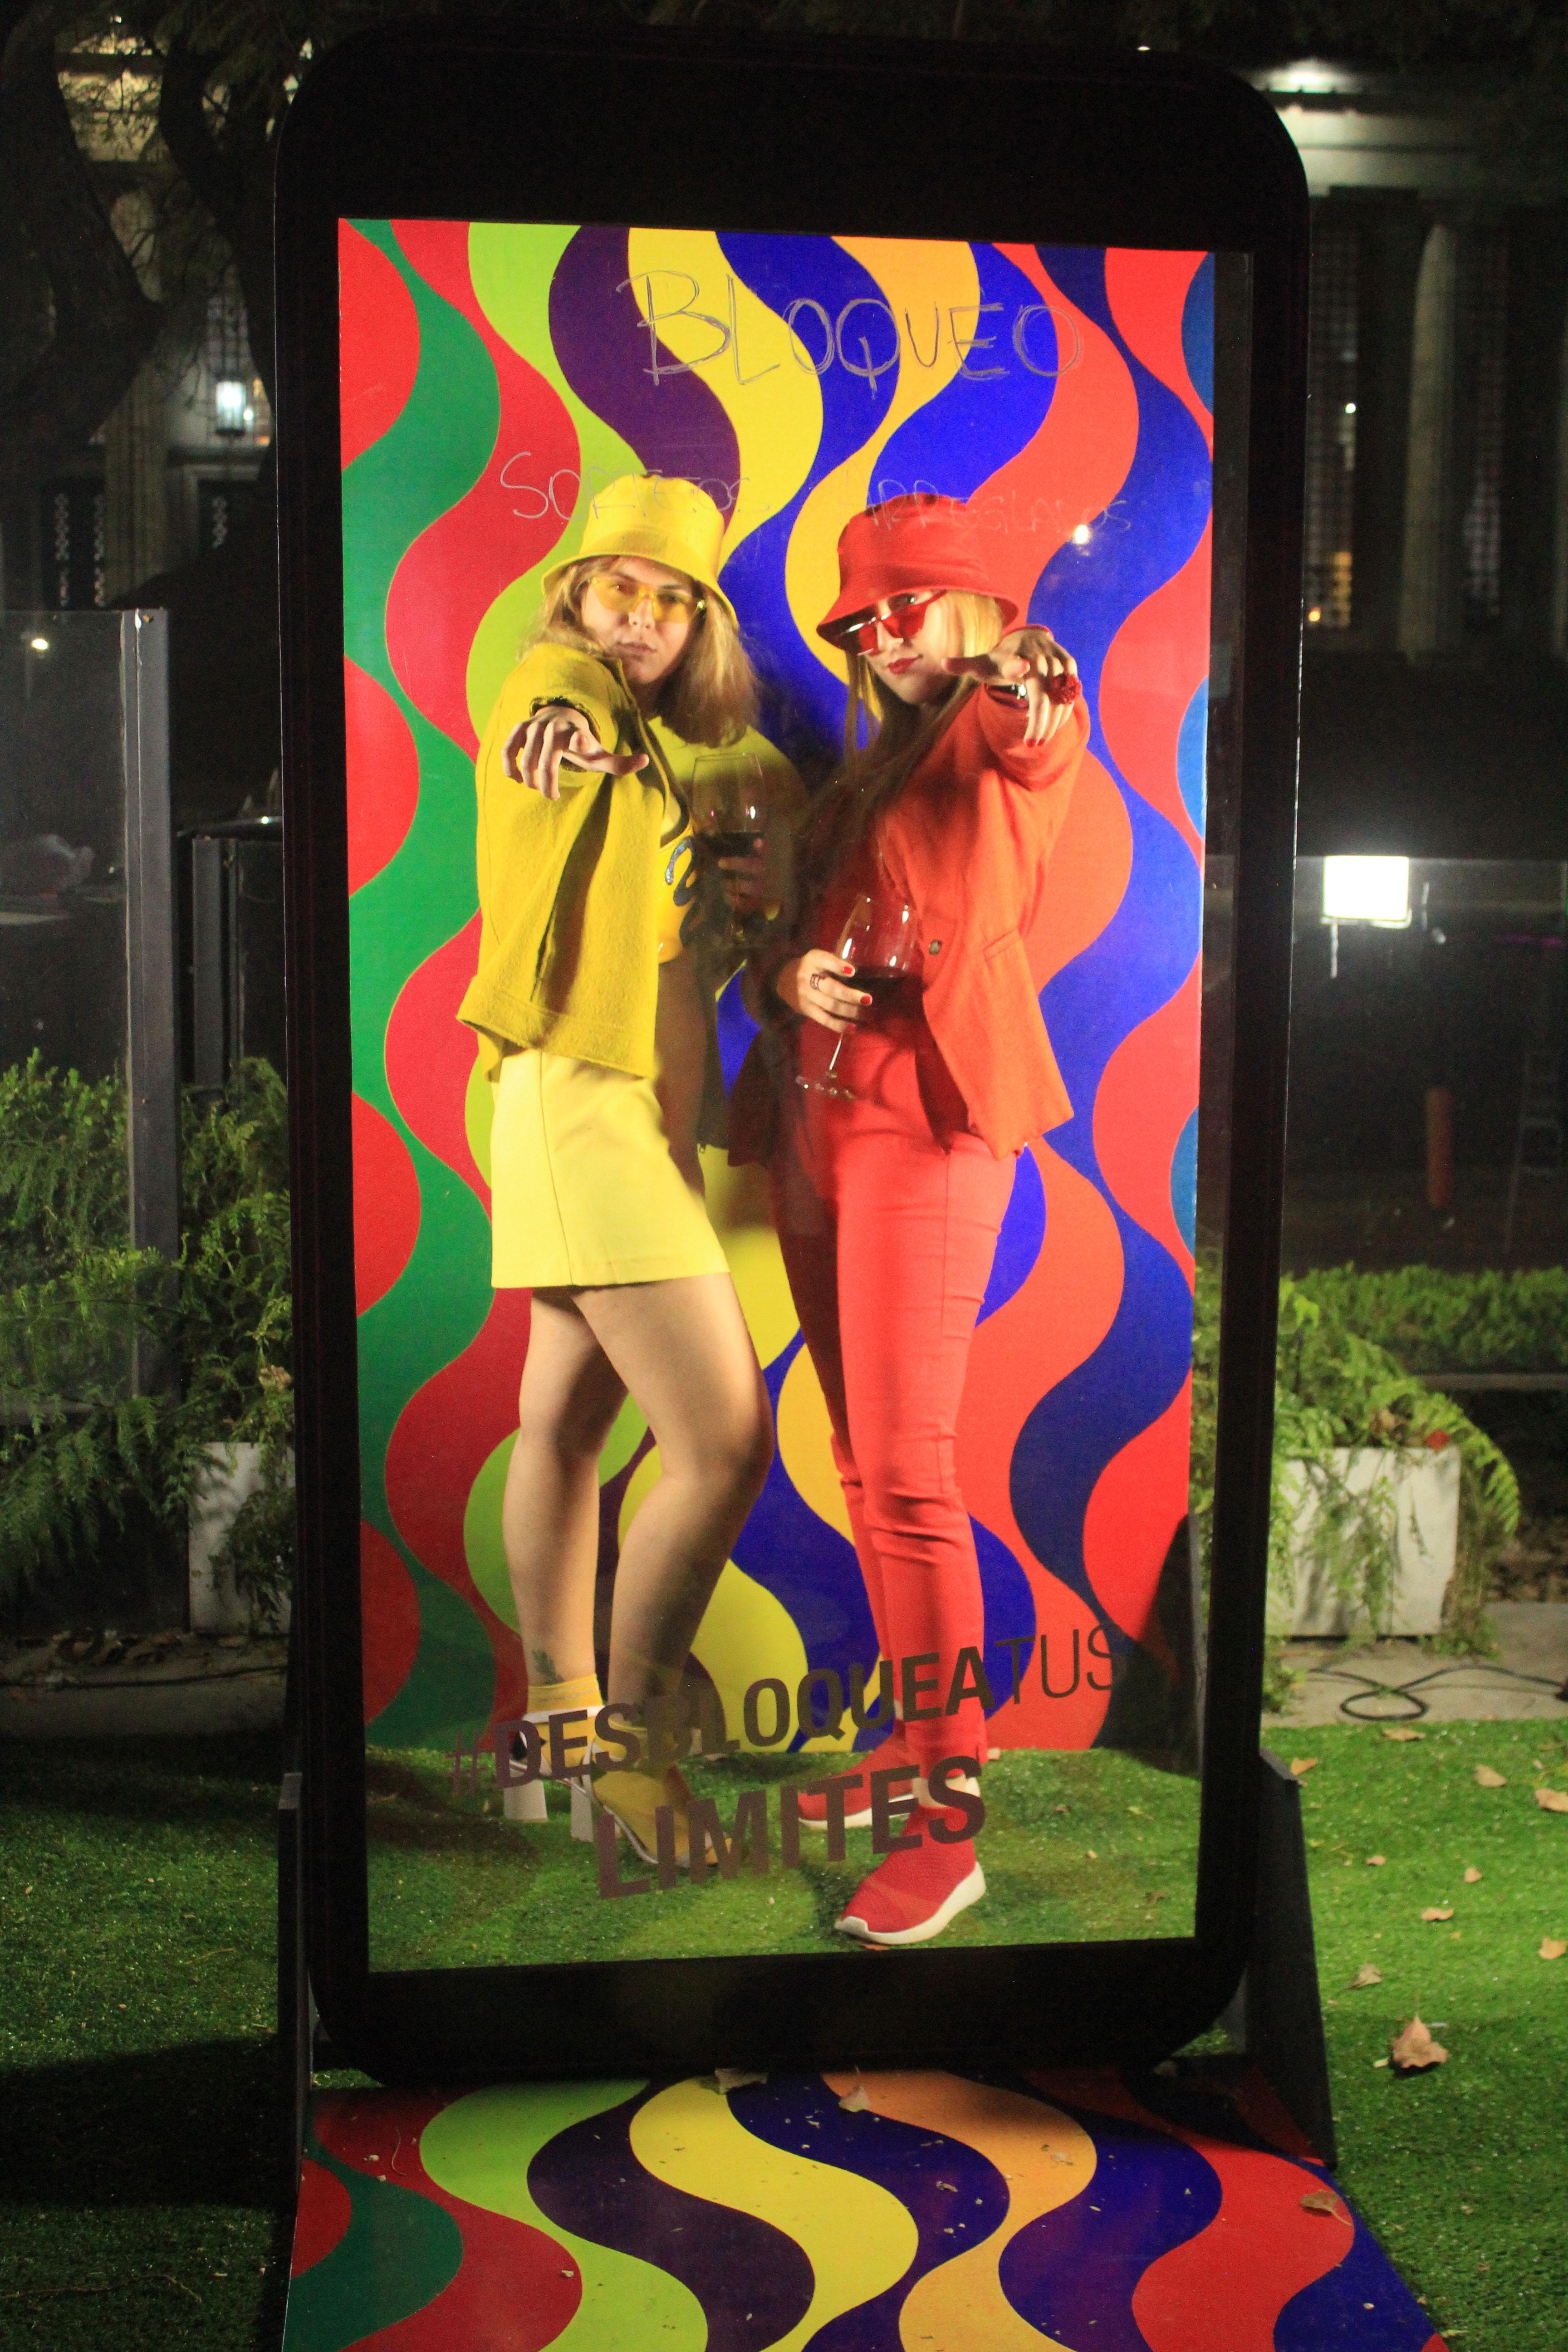 Esta quinta edición convocó a 500 invitados, quienes cumplieron con la divertida consigna de respetar en sus vestimentas la paleta del gran artista argentino, Julio Le Parc. En la foto, Connie Chiaraviglio y Elina Lechere